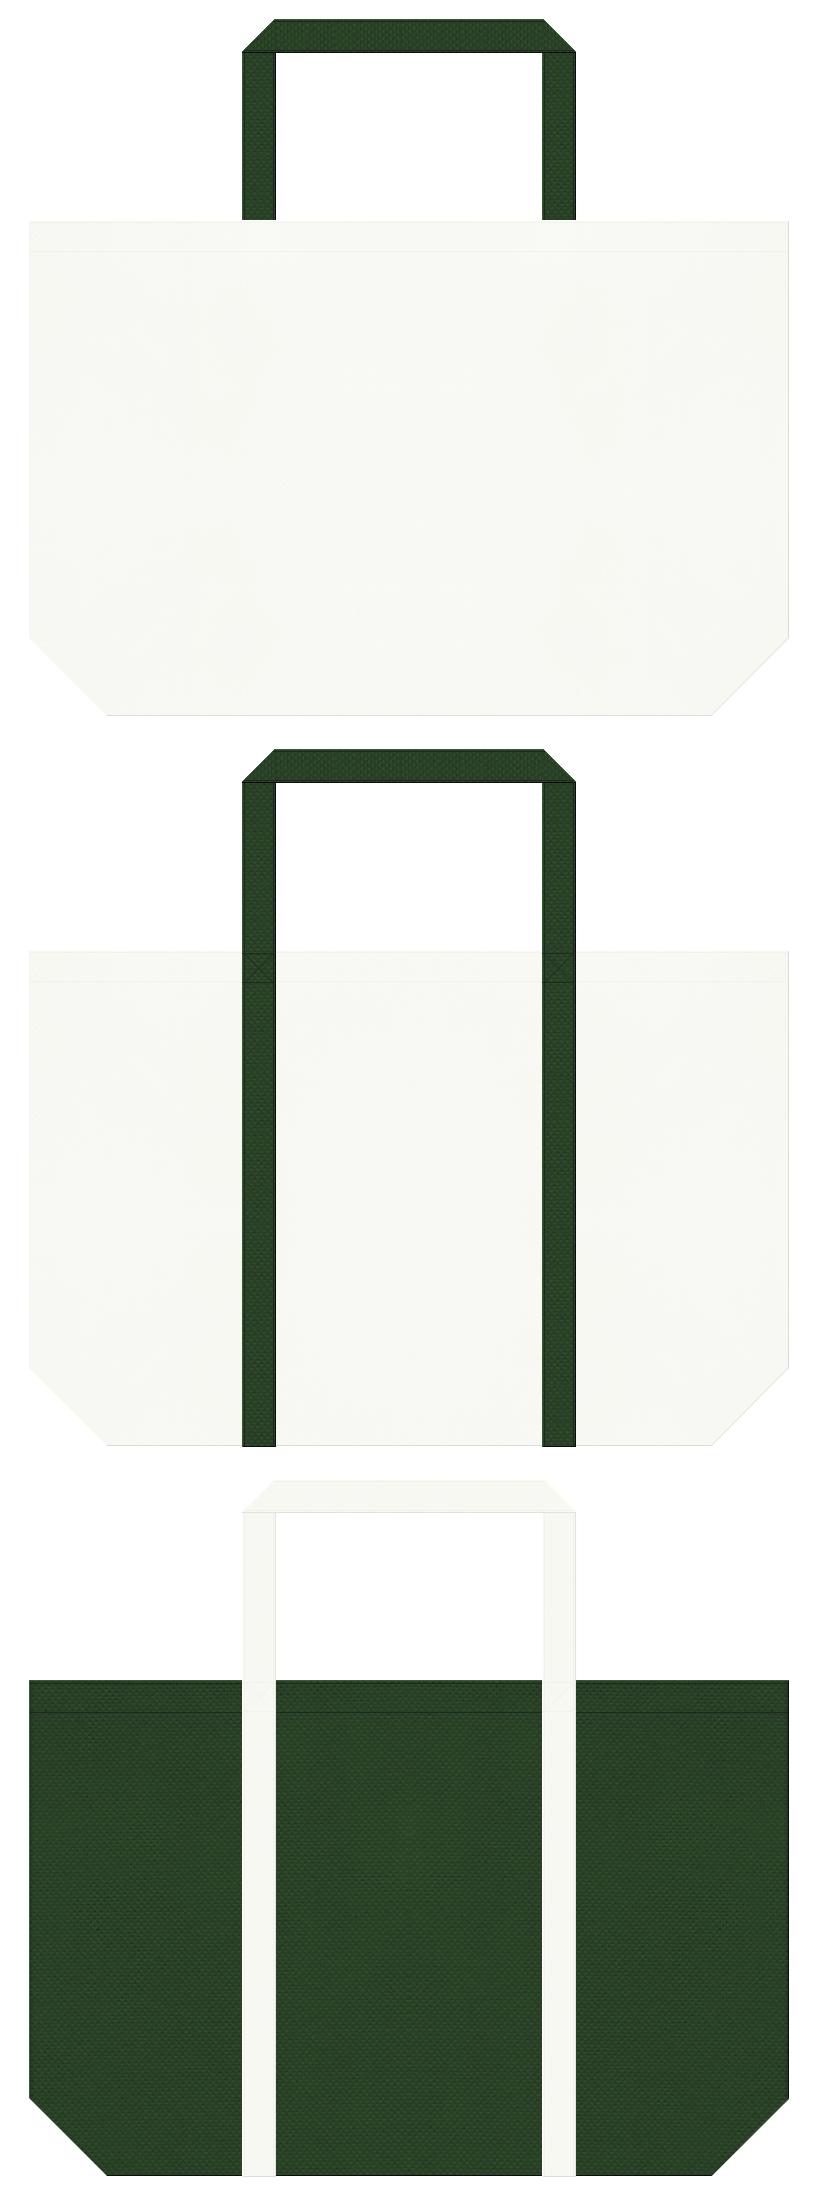 オフホワイト色と濃緑色の不織布バッグデザイン。医薬品・救急用品のショッピングバッグにお奨めです。